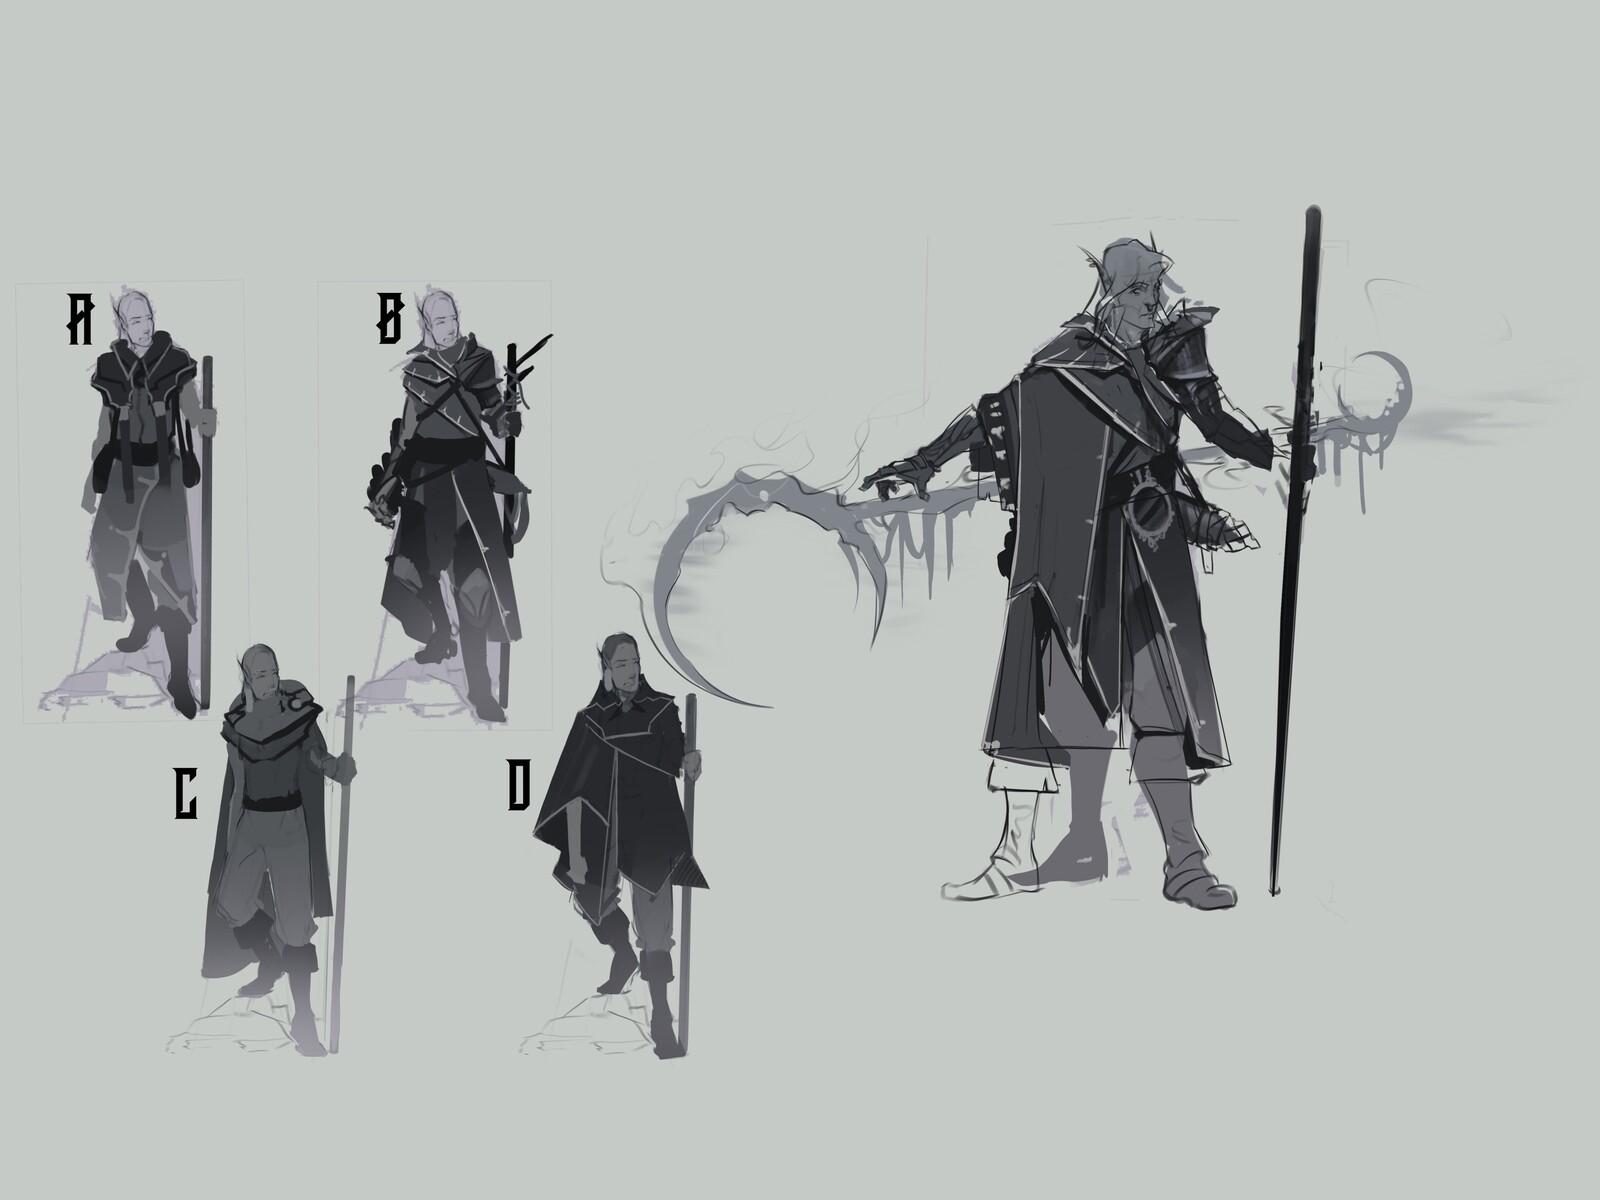 Concept thumbnails